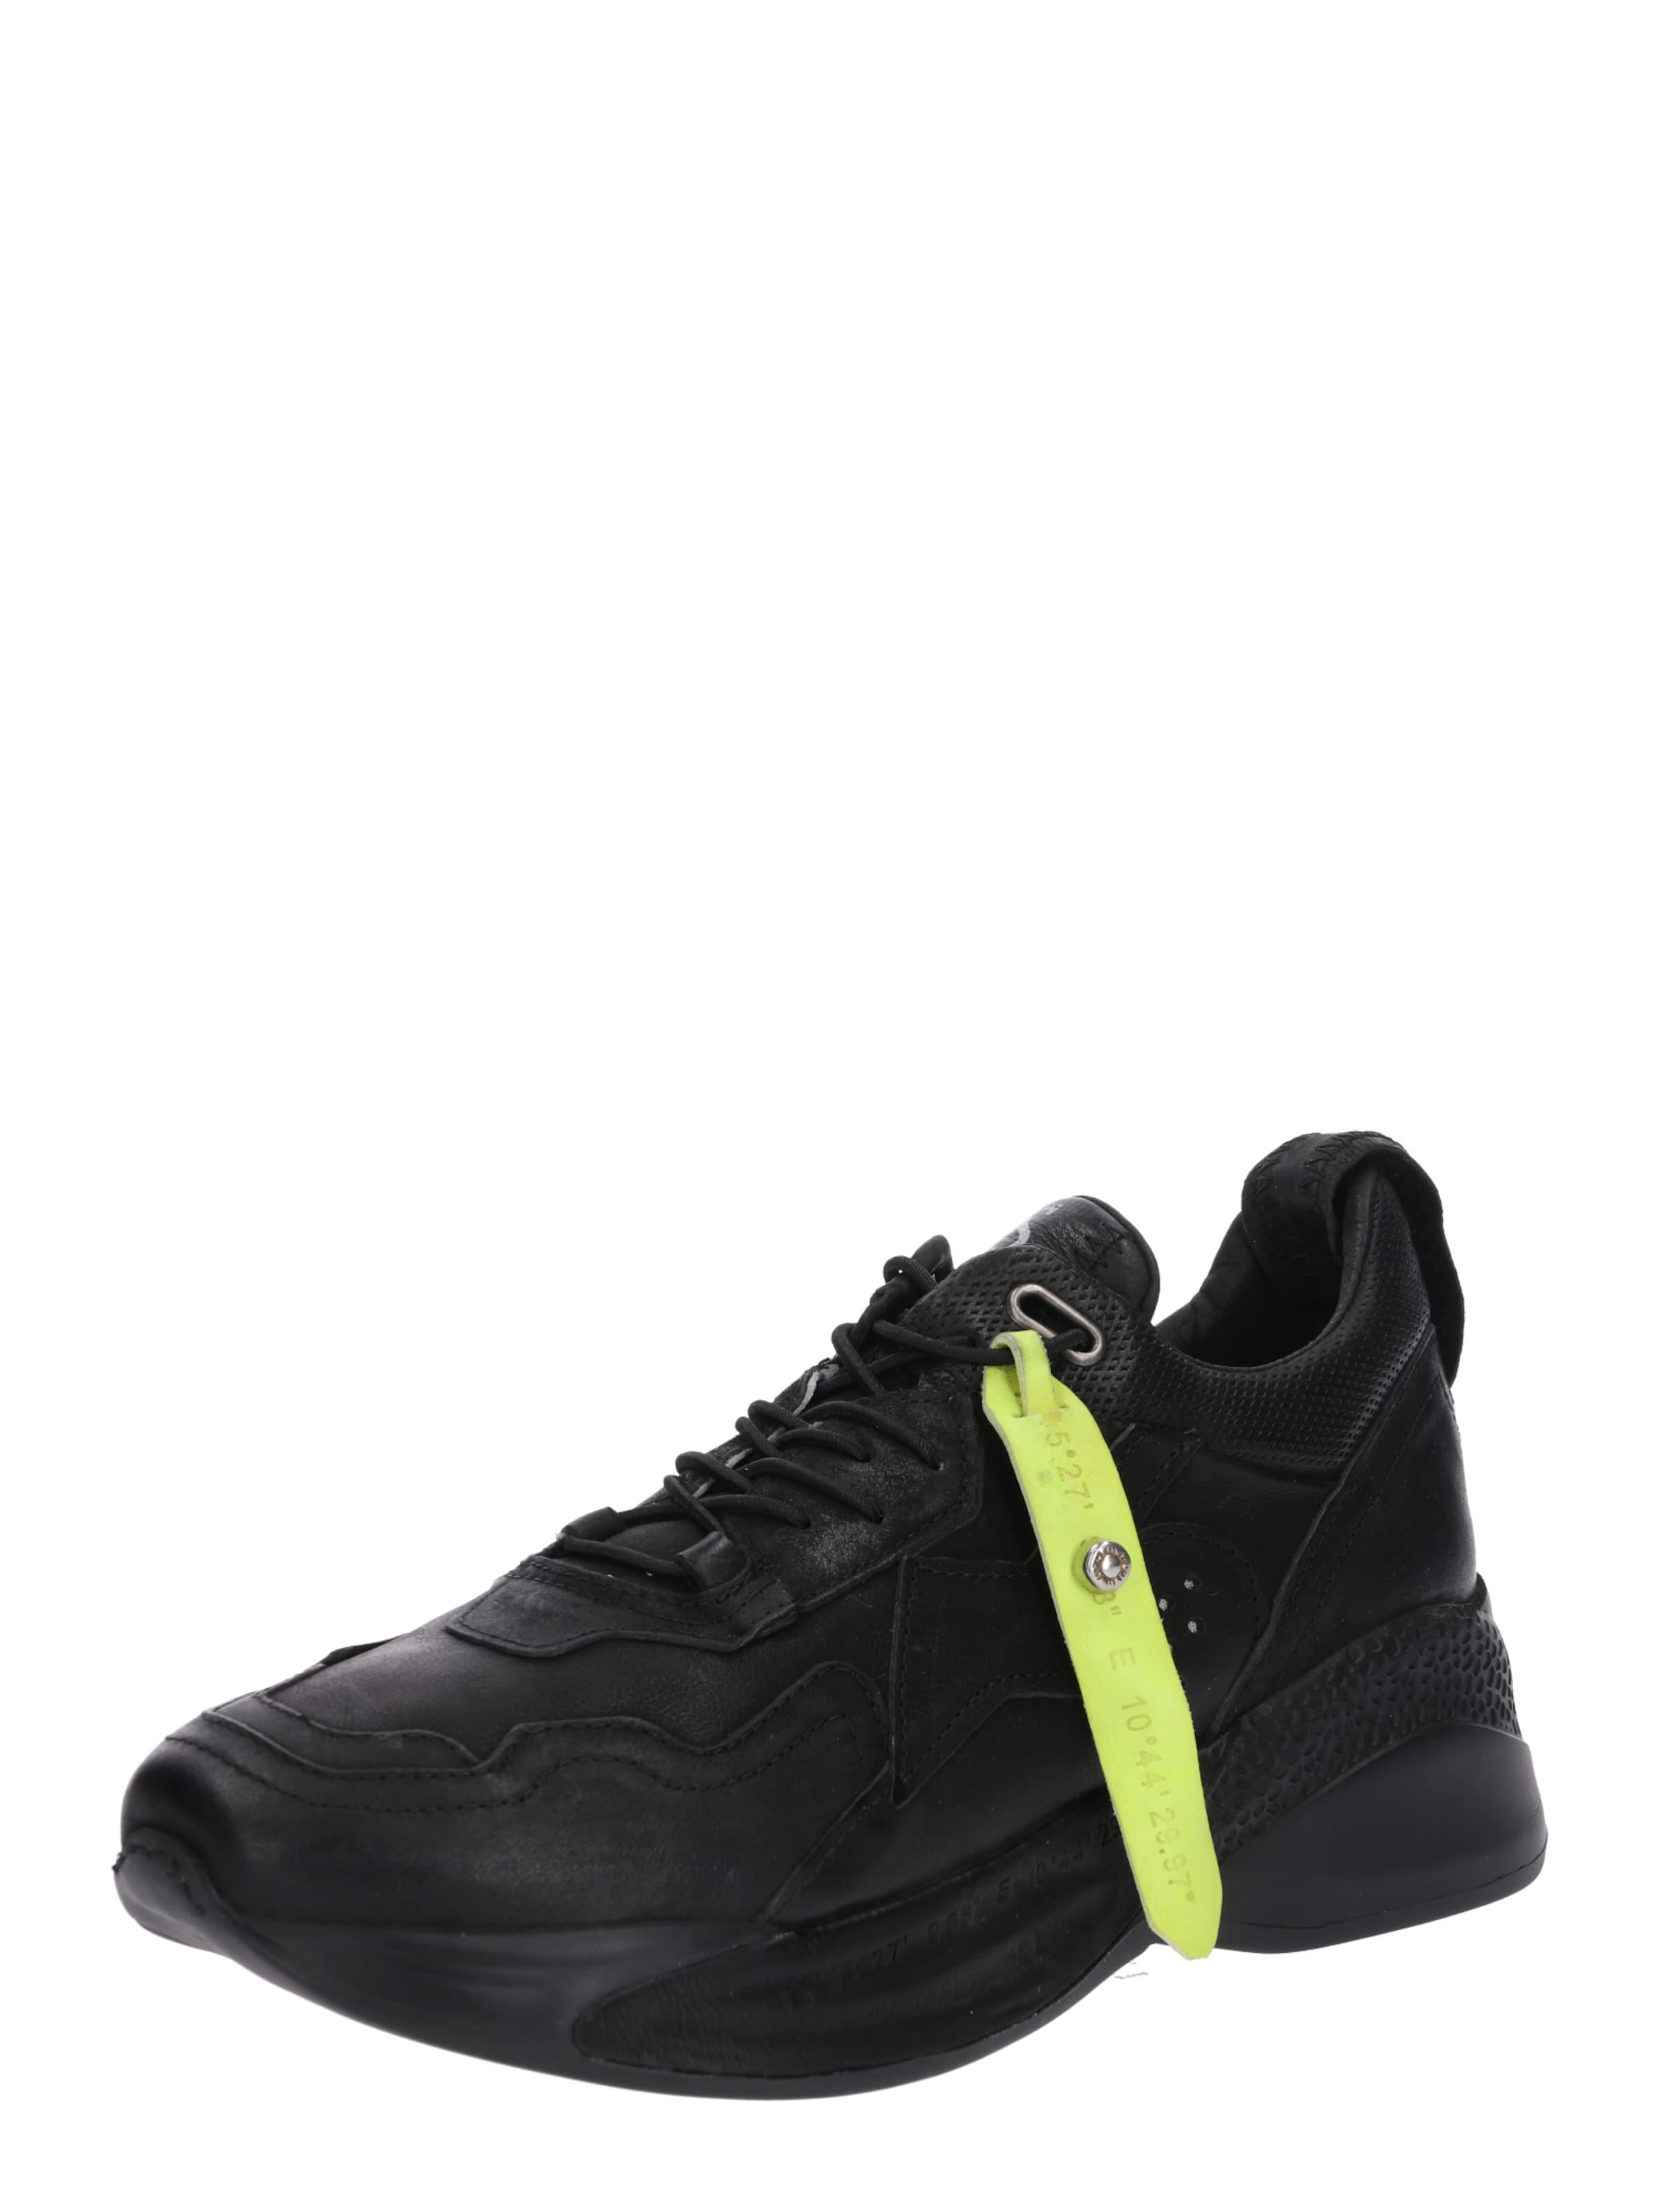 98 'luz' Sneaker In Schwarz s A 5AjLSc34qR